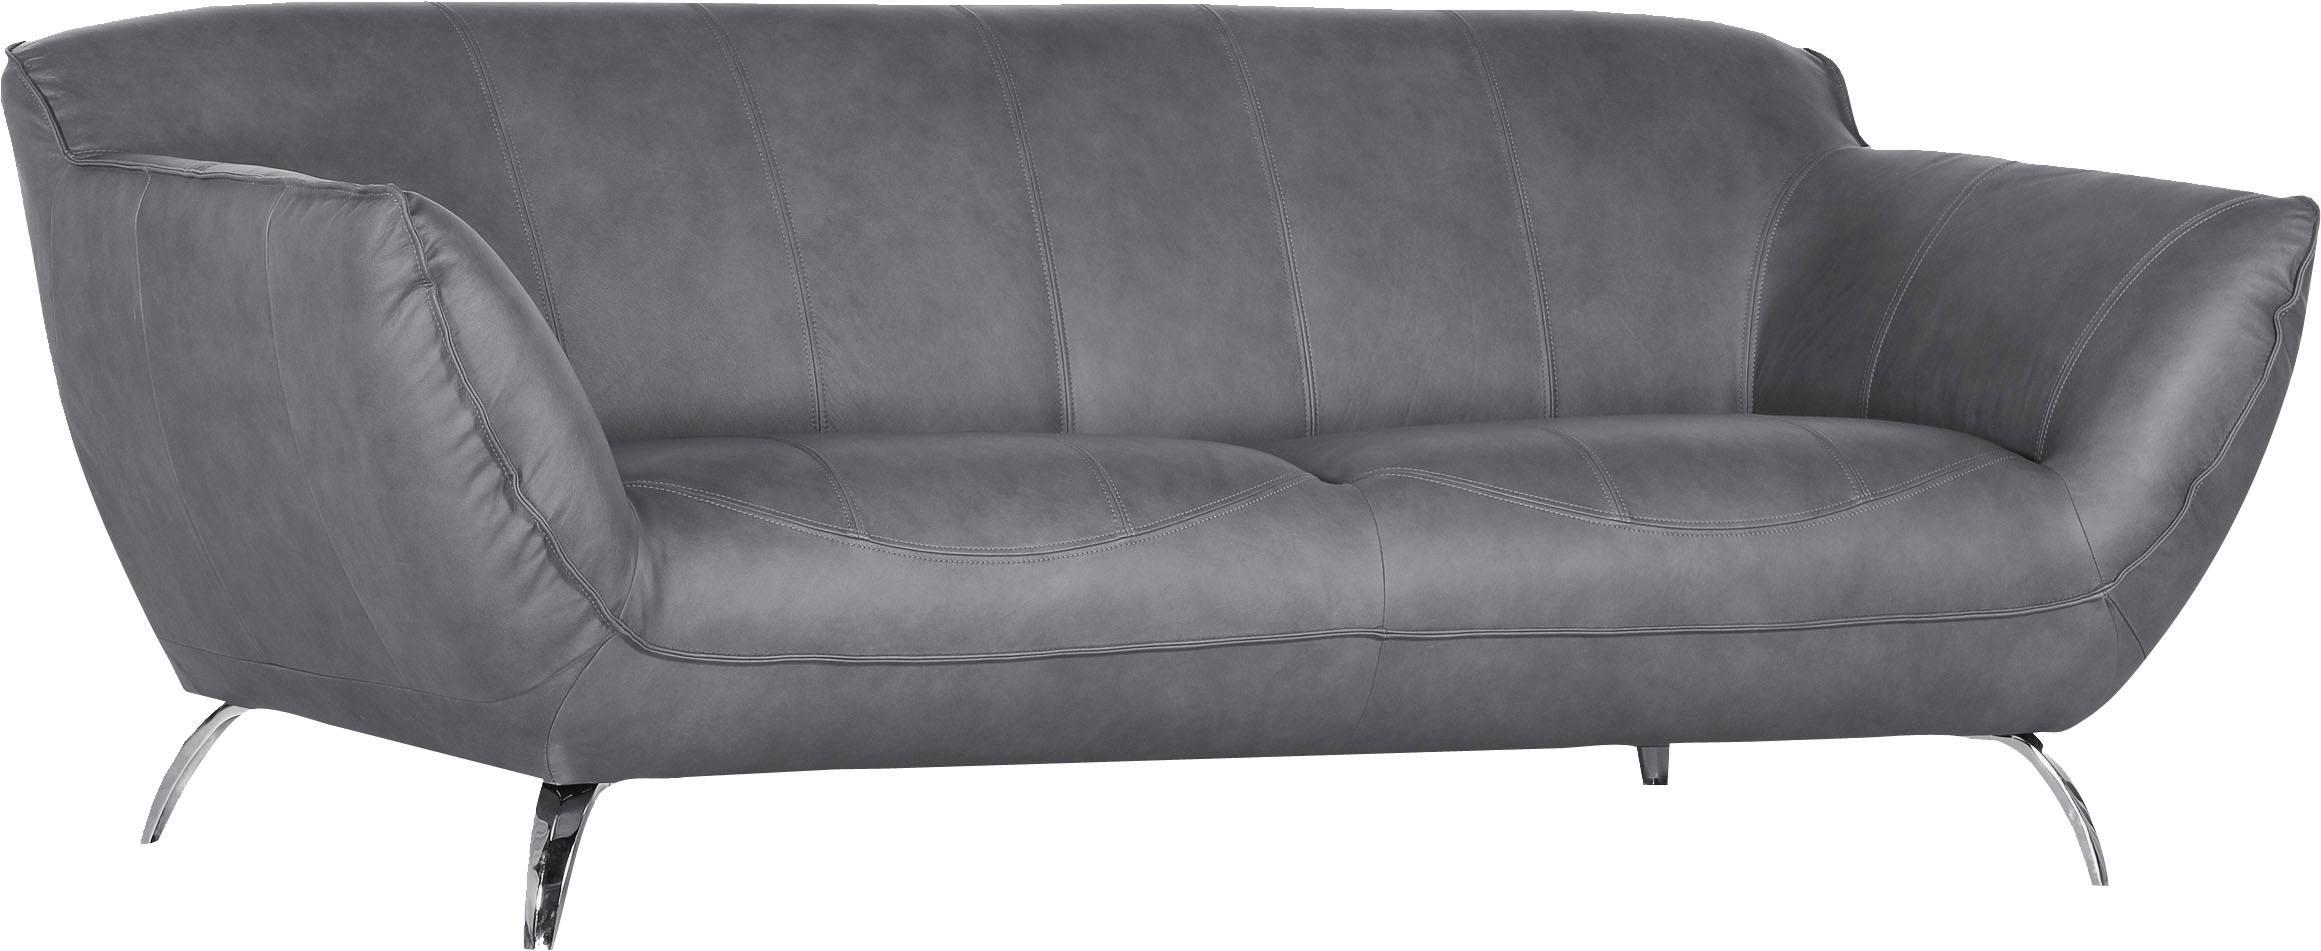 Gutmann Factory 2 3 Sitzer Sofas Online Kaufen Möbel